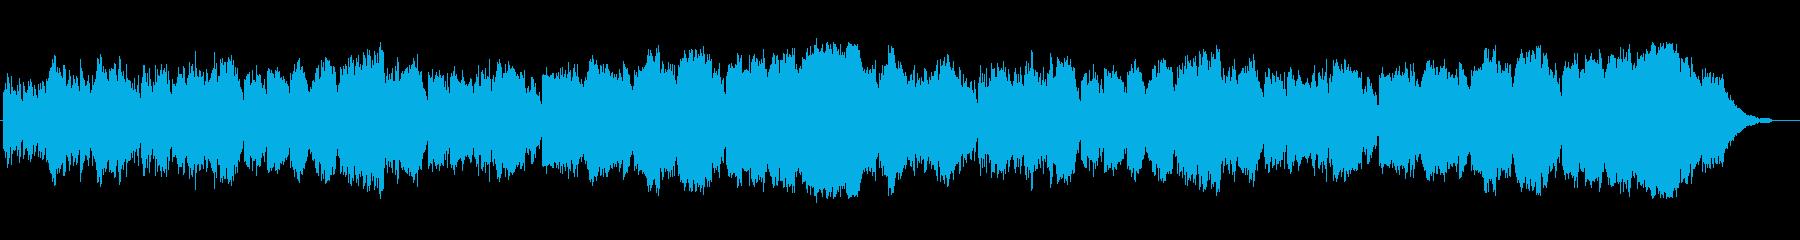 ティータイムに聴く癒やしの音楽の再生済みの波形